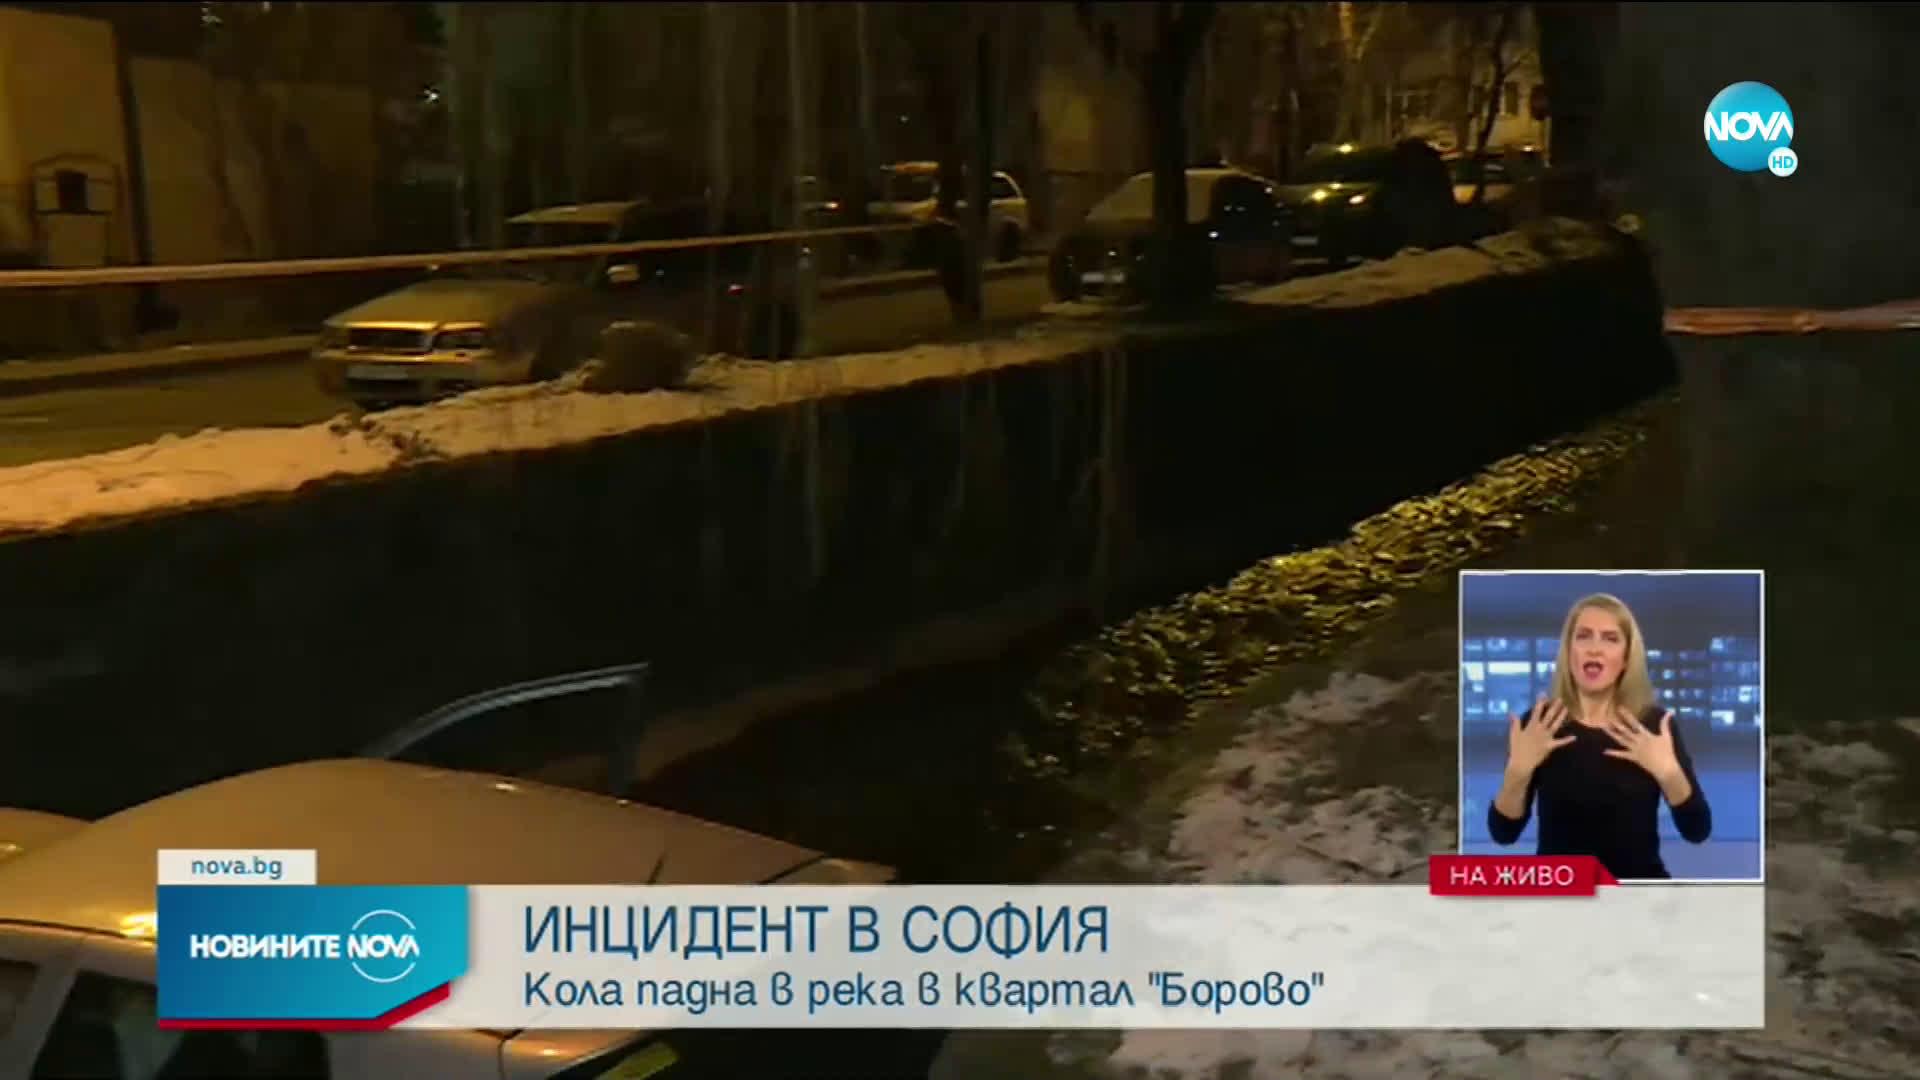 Кола падна в река в София